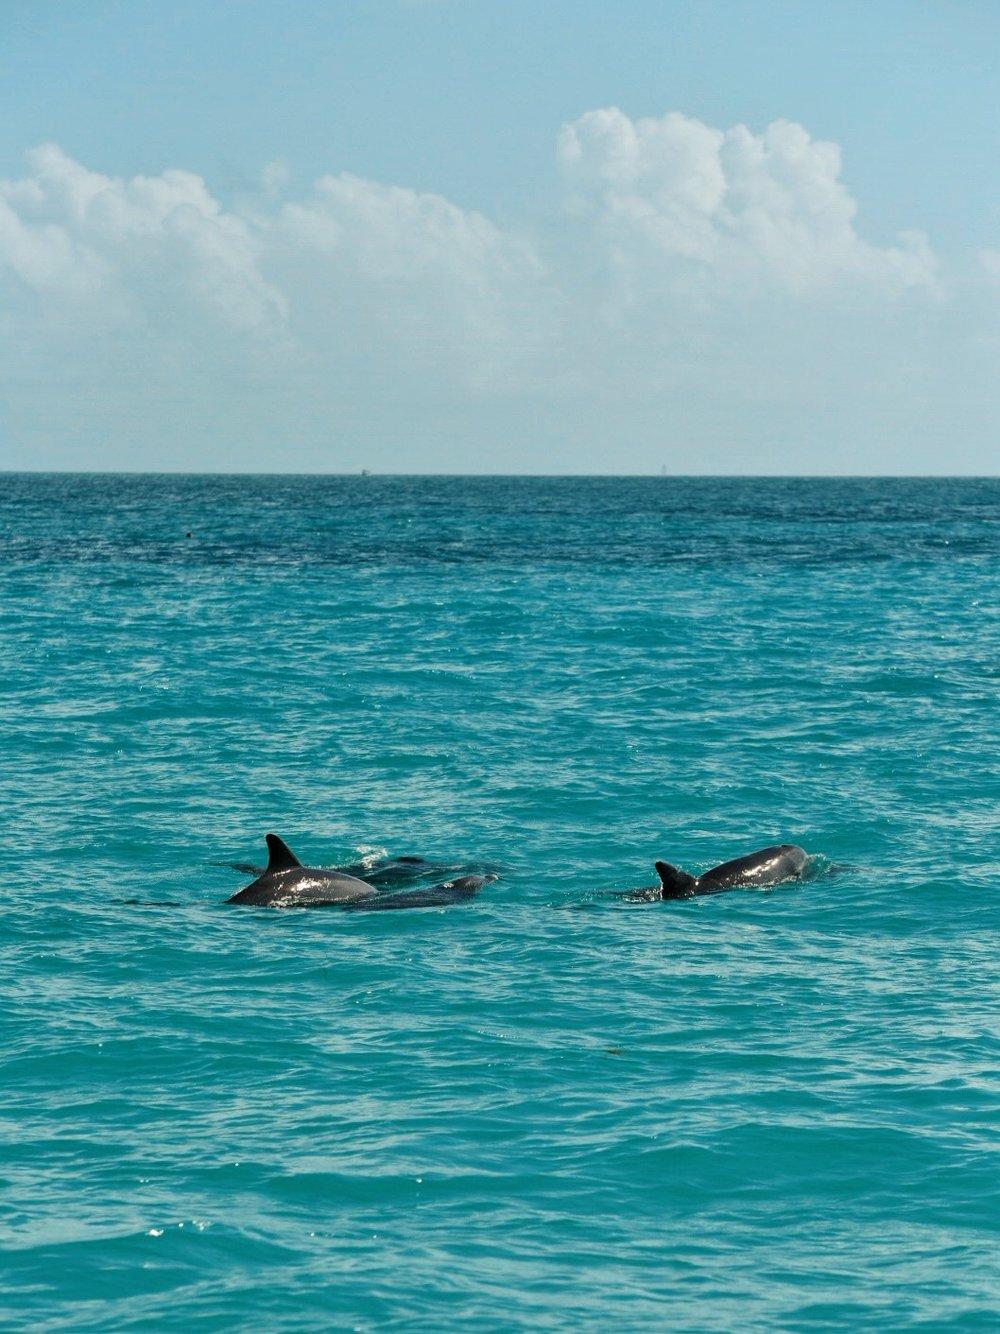 florida keys dolphins